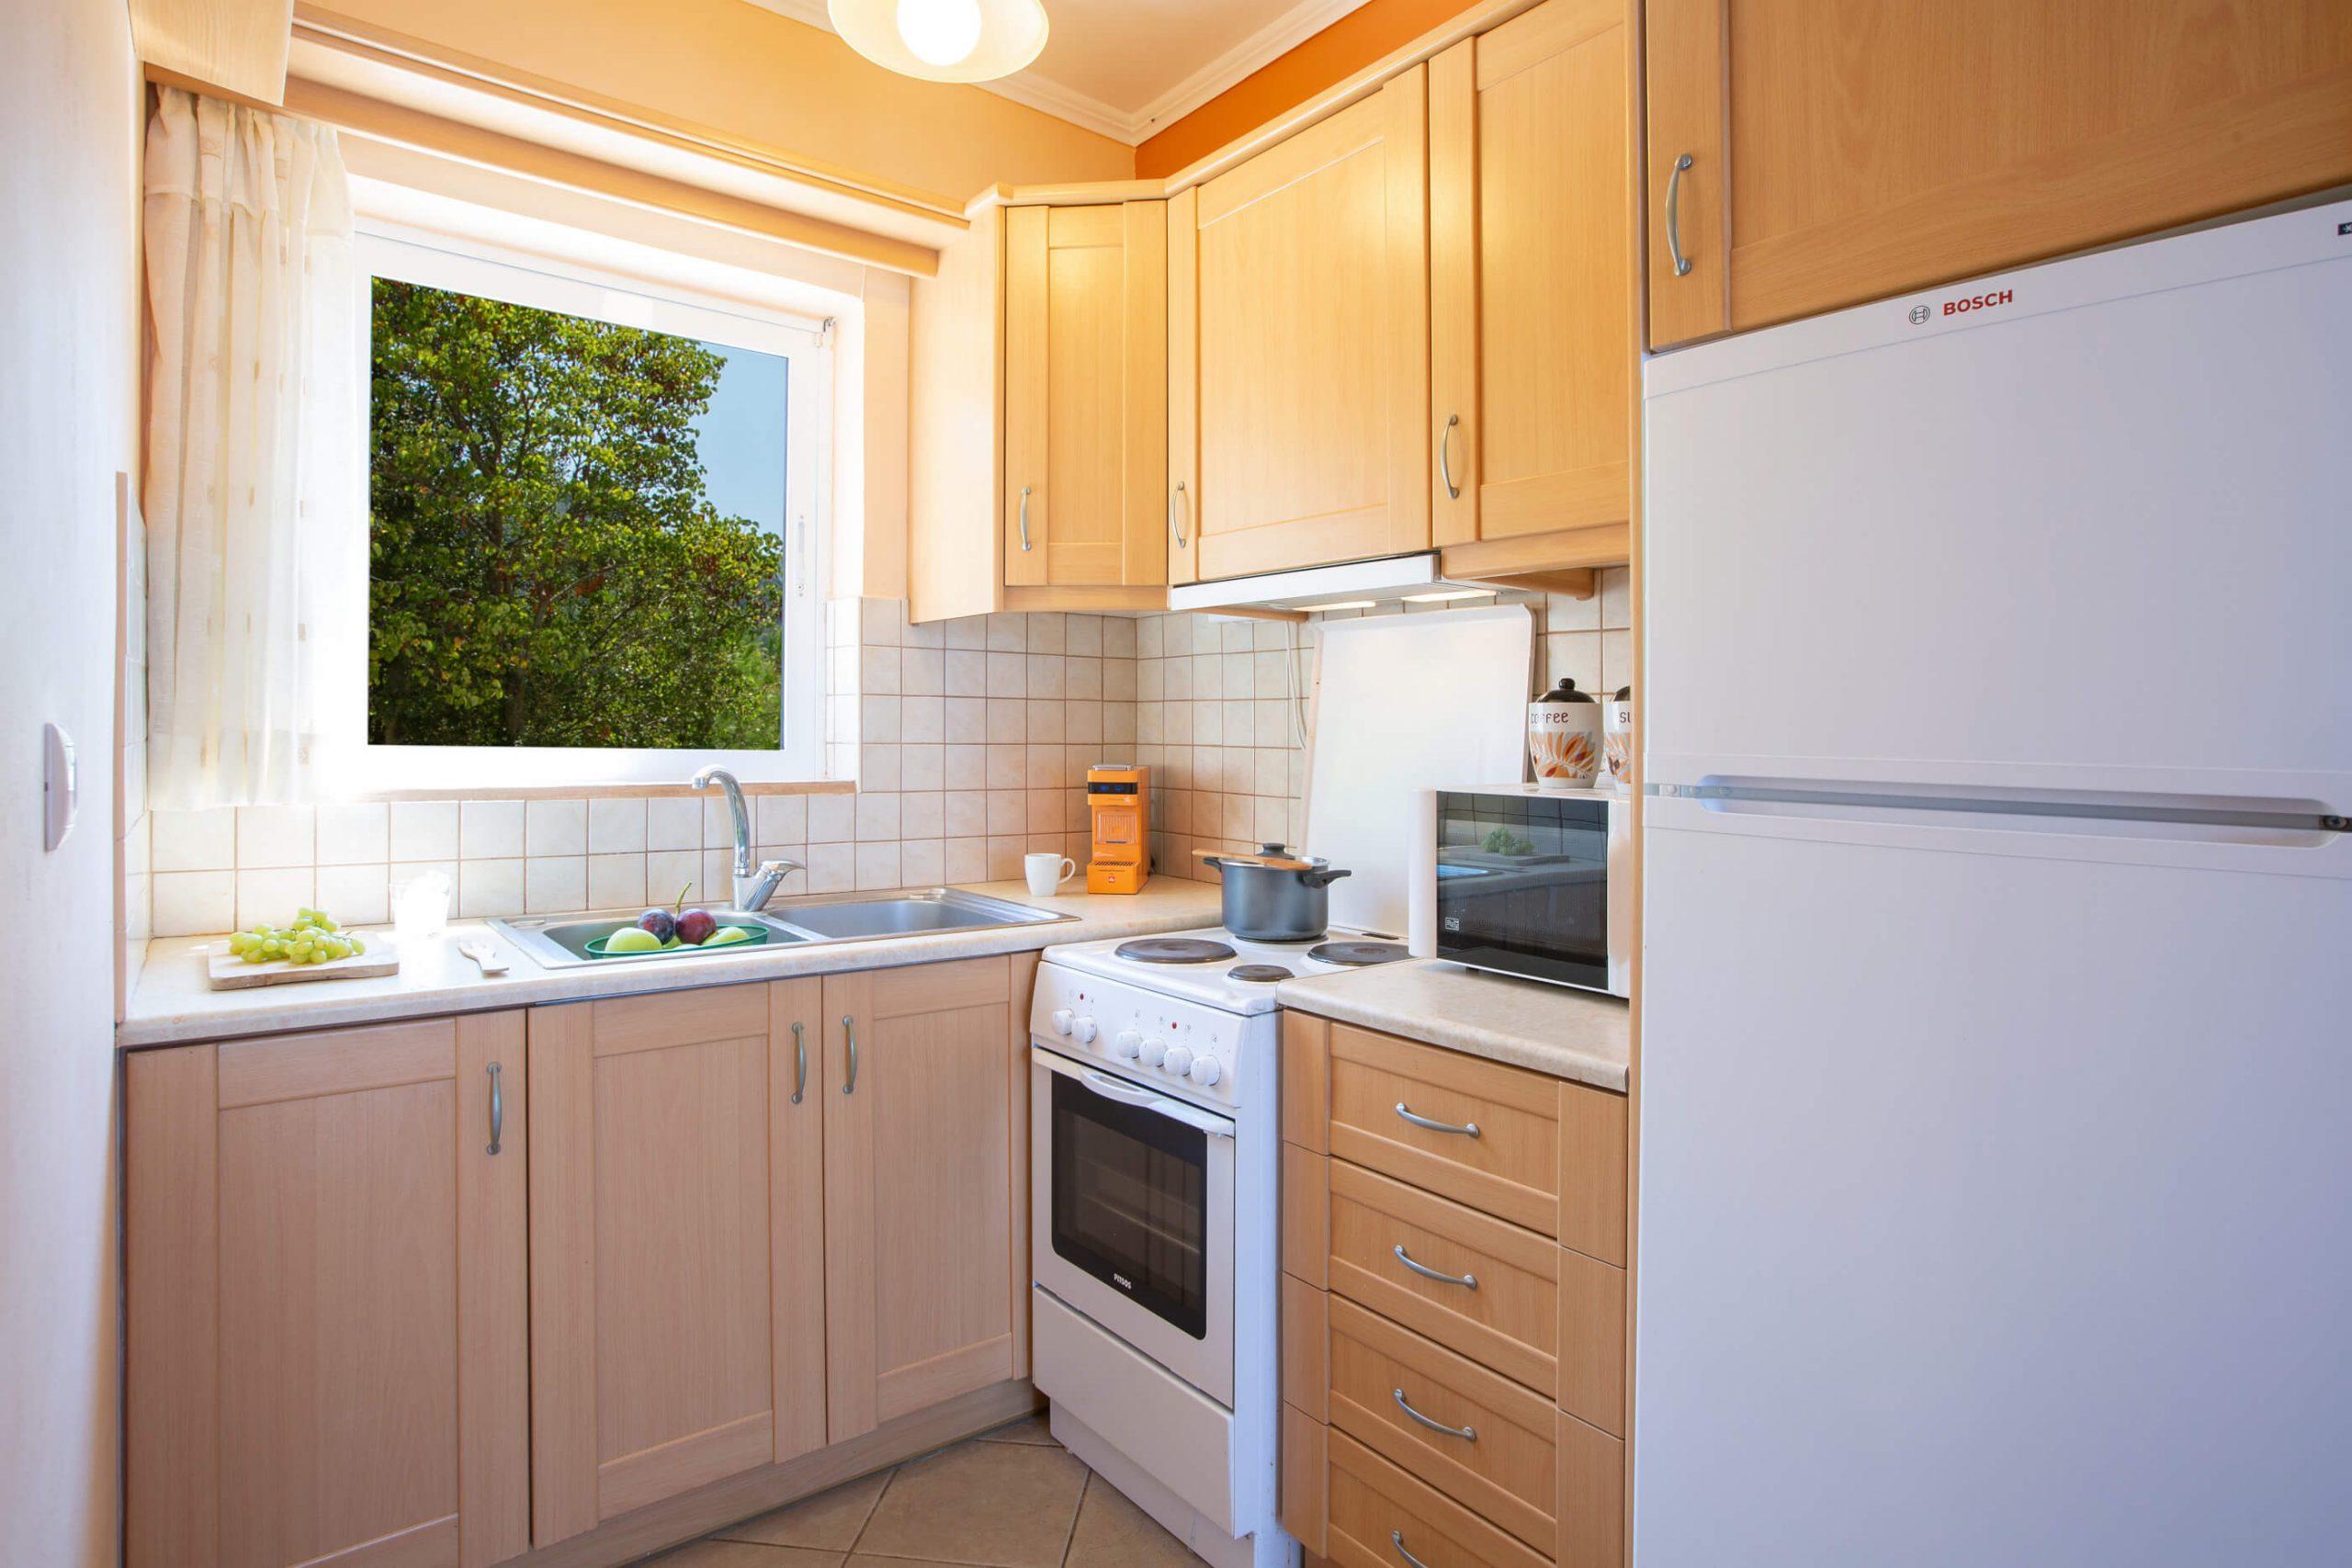 Στη Natura Villas η κουζίνα είναι πλήρως εξοπλισμένη με φούρνο, ψυγείο, φούρνο μικροκυμάτων, καφετιέρα, βραστήρα, τοστιέρα